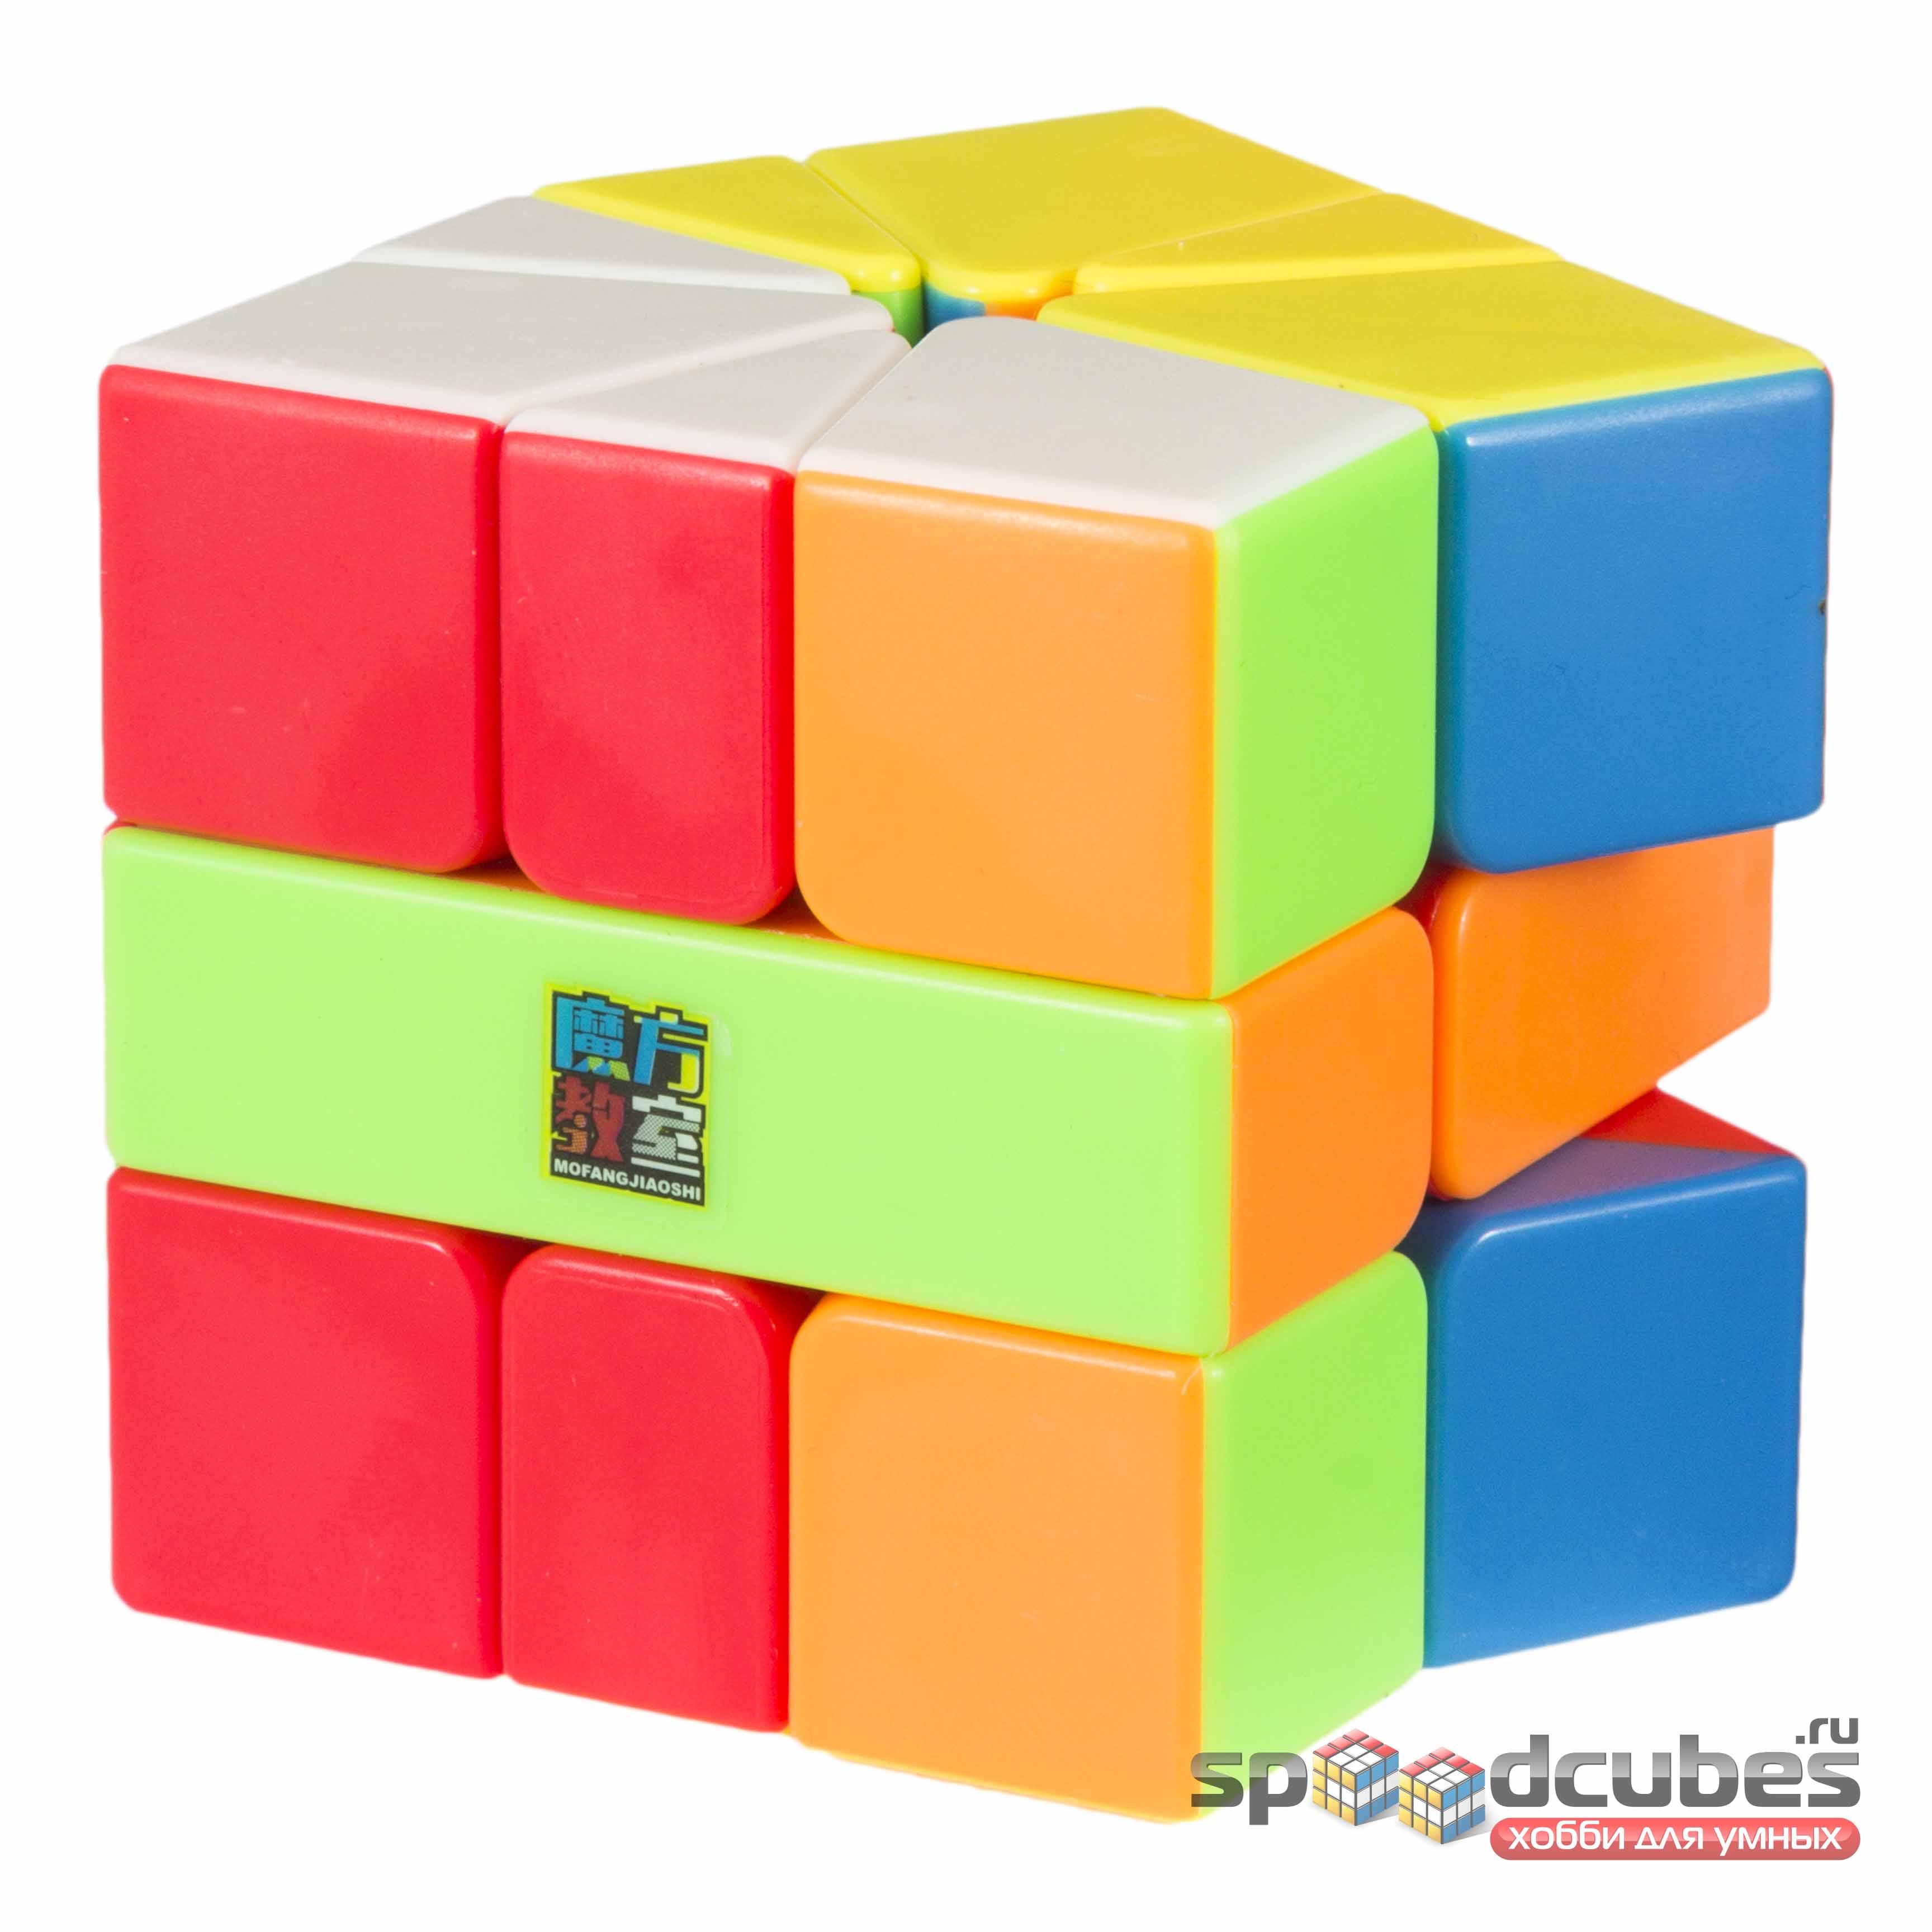 MoYu MoFangJiaoShi Square 1 Color 3